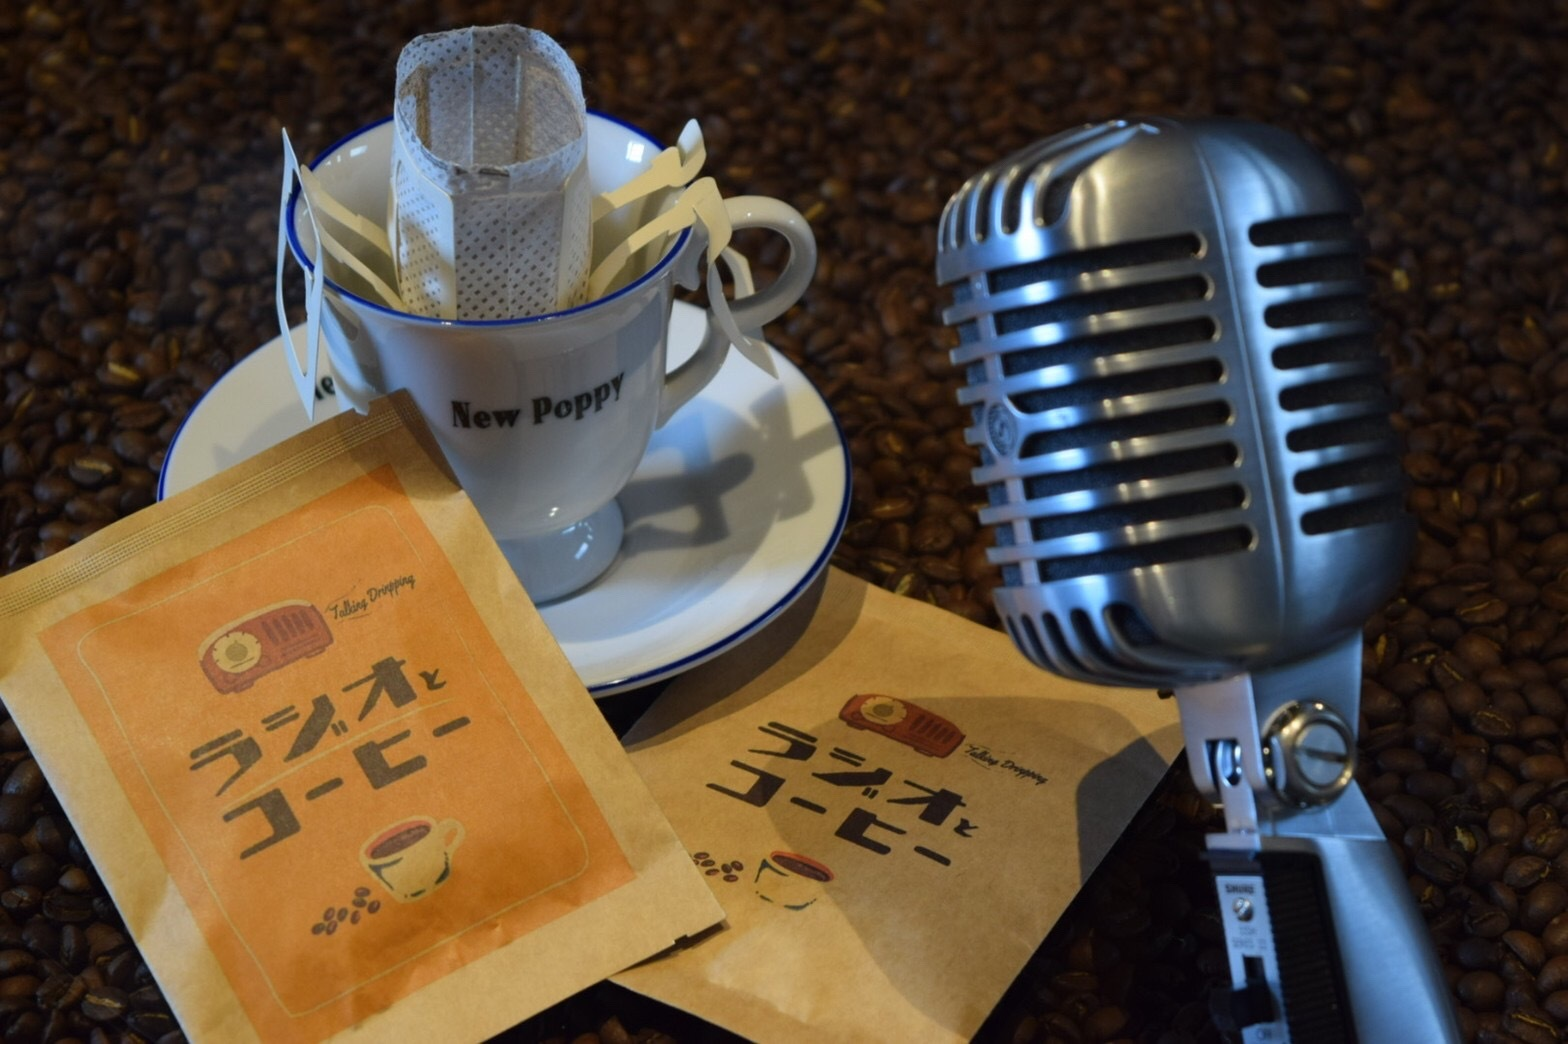 【5パック入】 ラジオとコーヒーブレンド ドリップパック 「はじめましてリスナーセット」